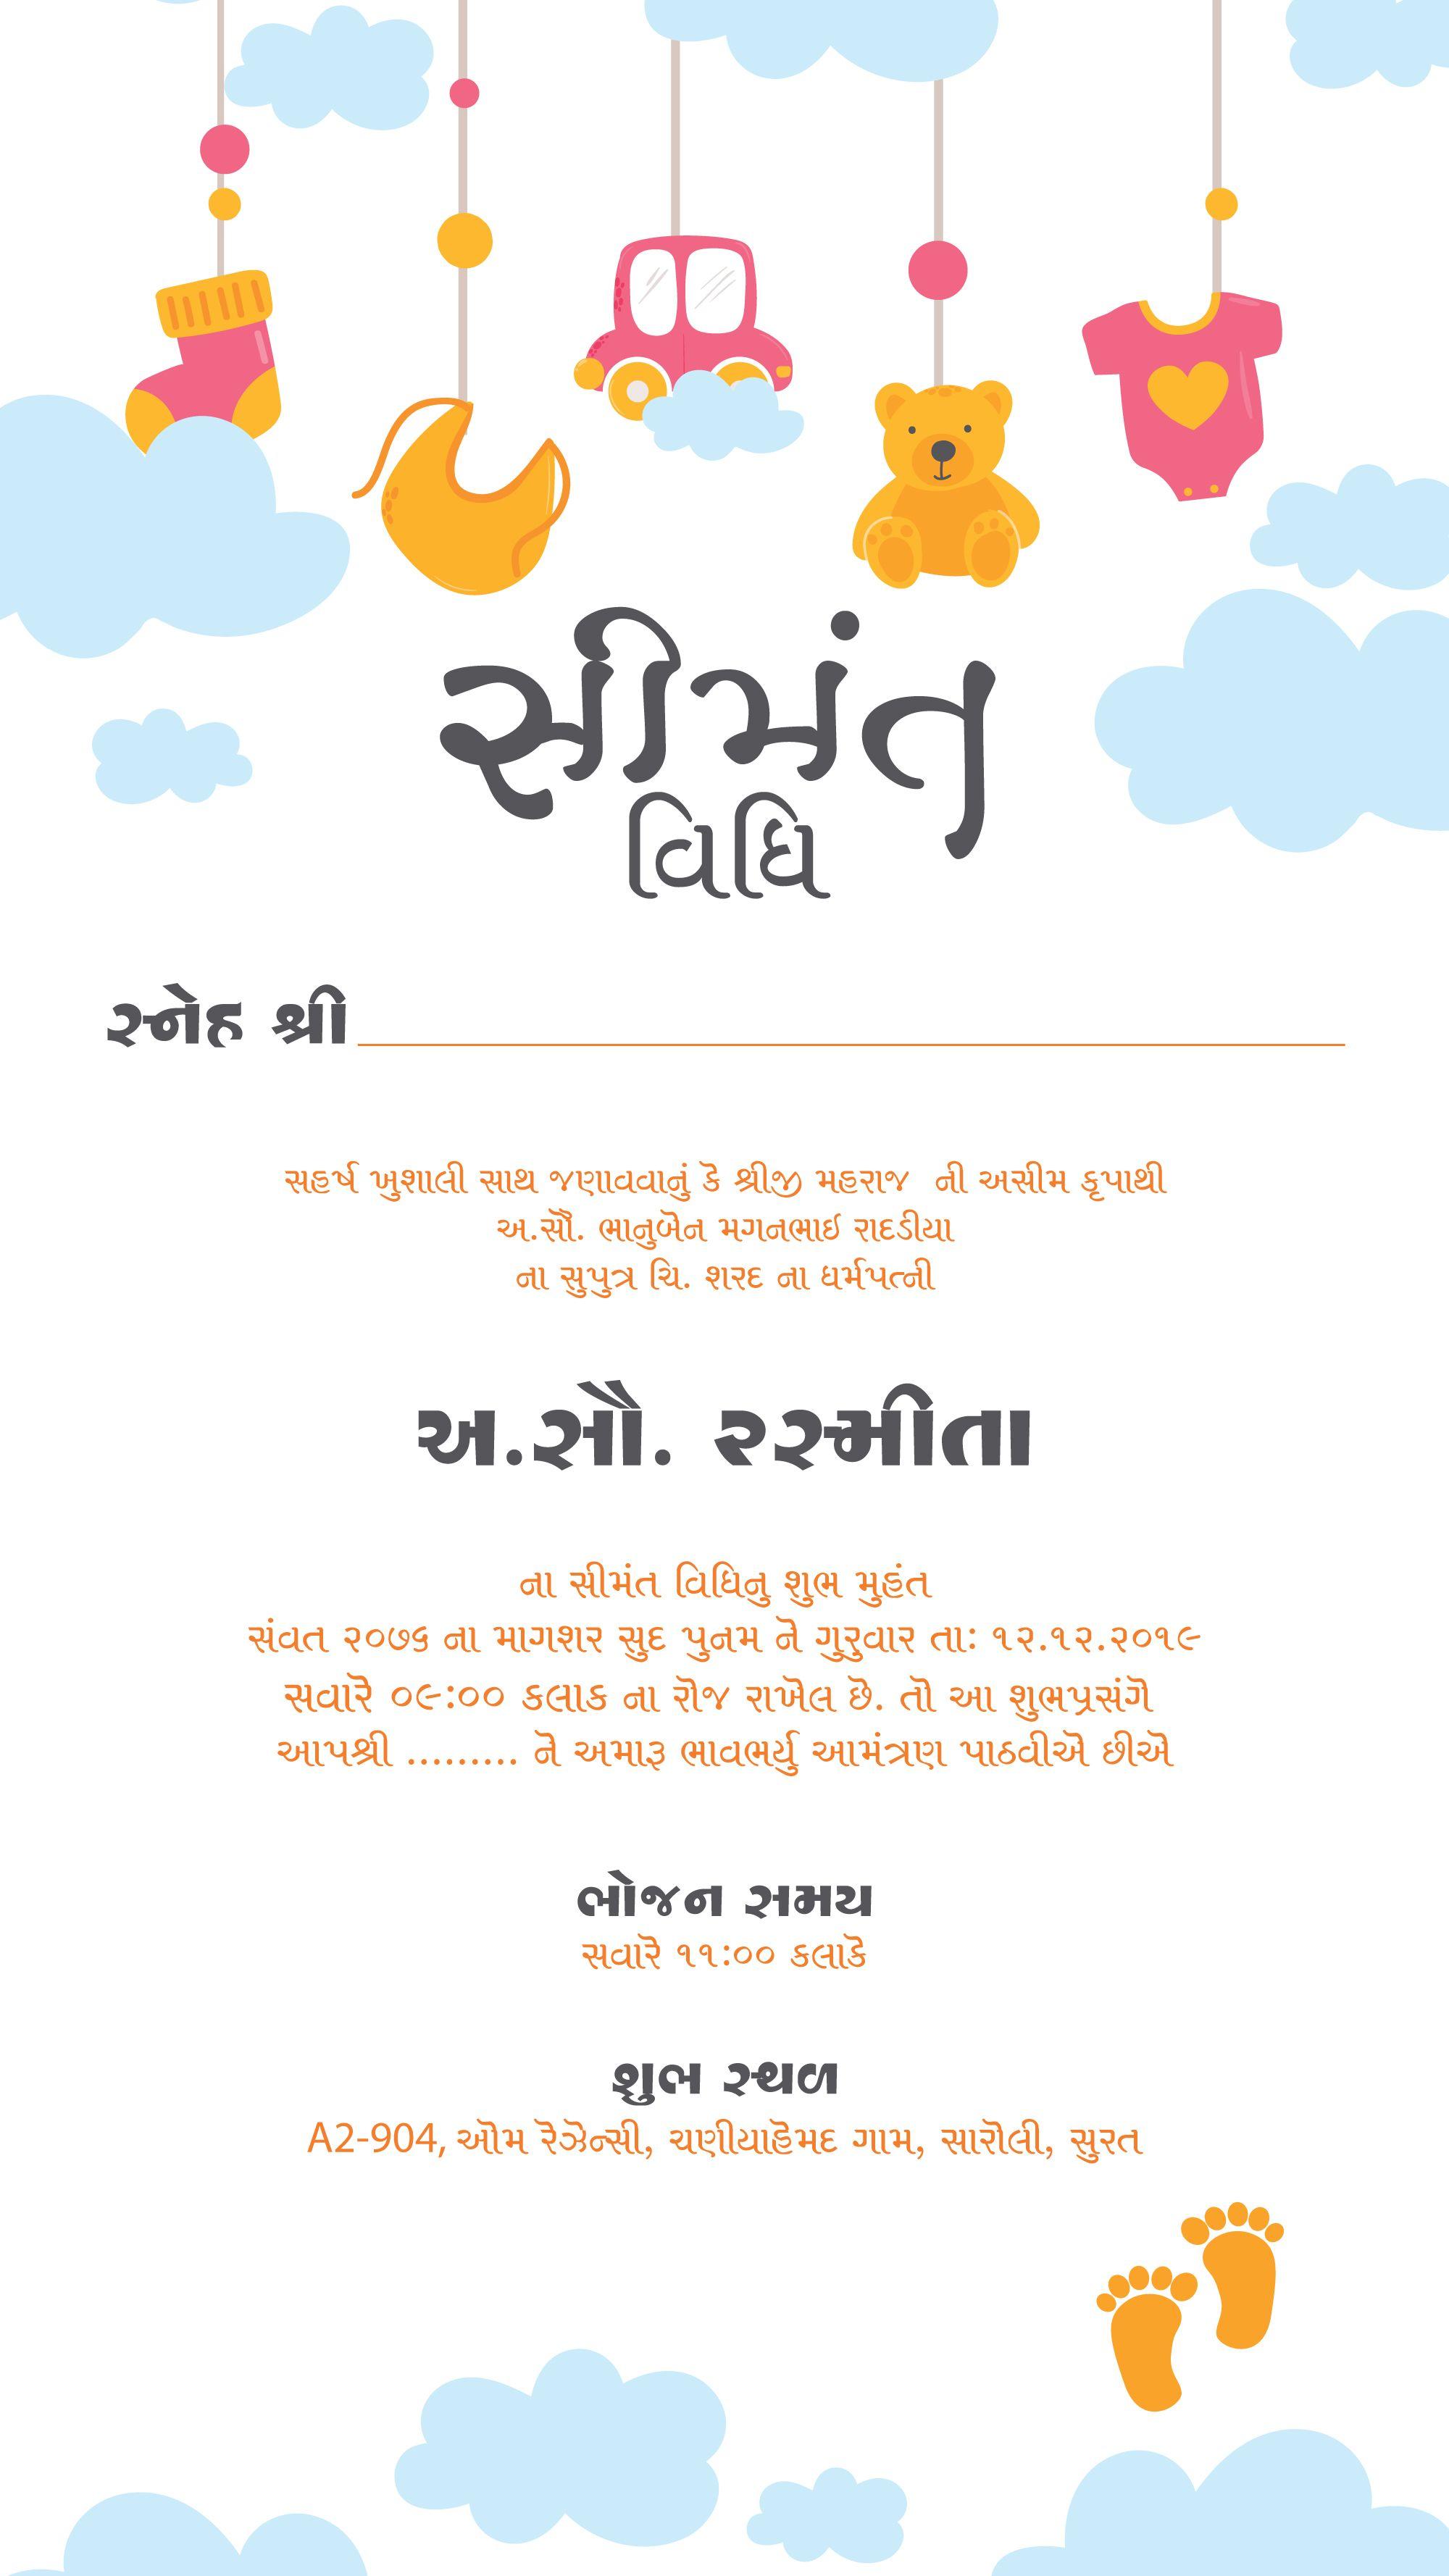 Baby Shower Invitation गोद भराई Invite Card Design in